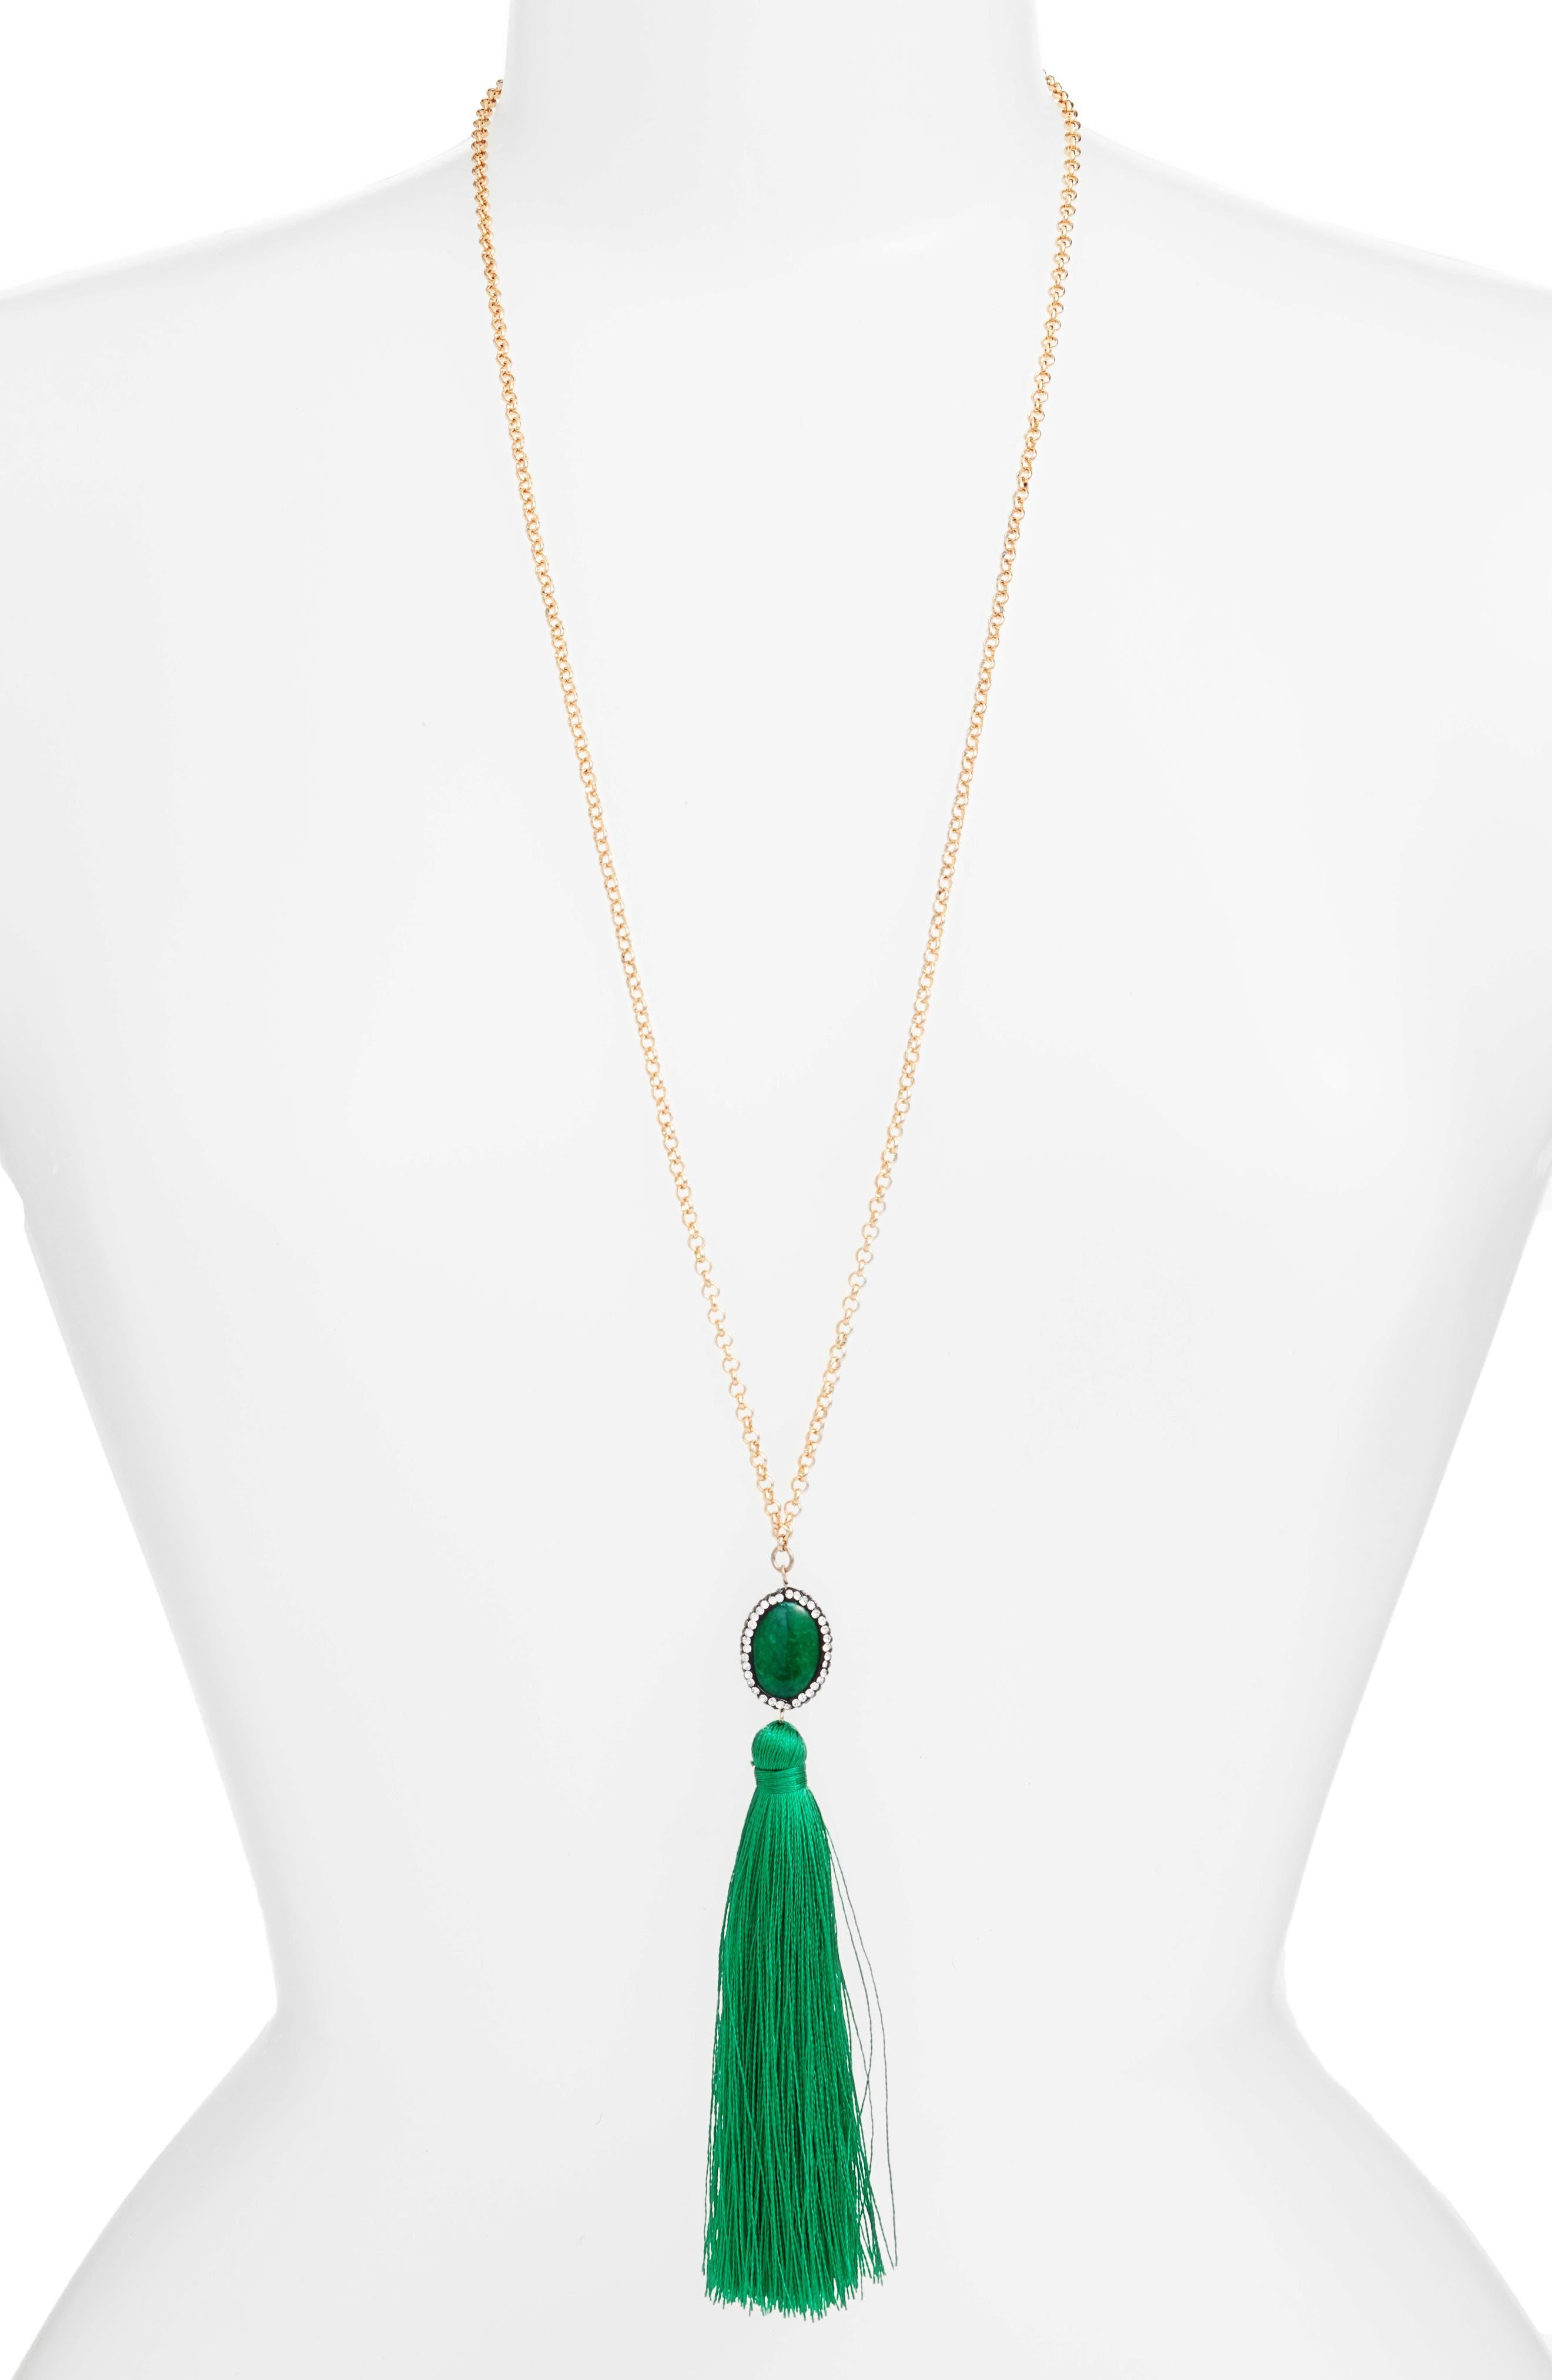 Alternate Image 1 Selected - Tasha Beaded Tassel Necklace